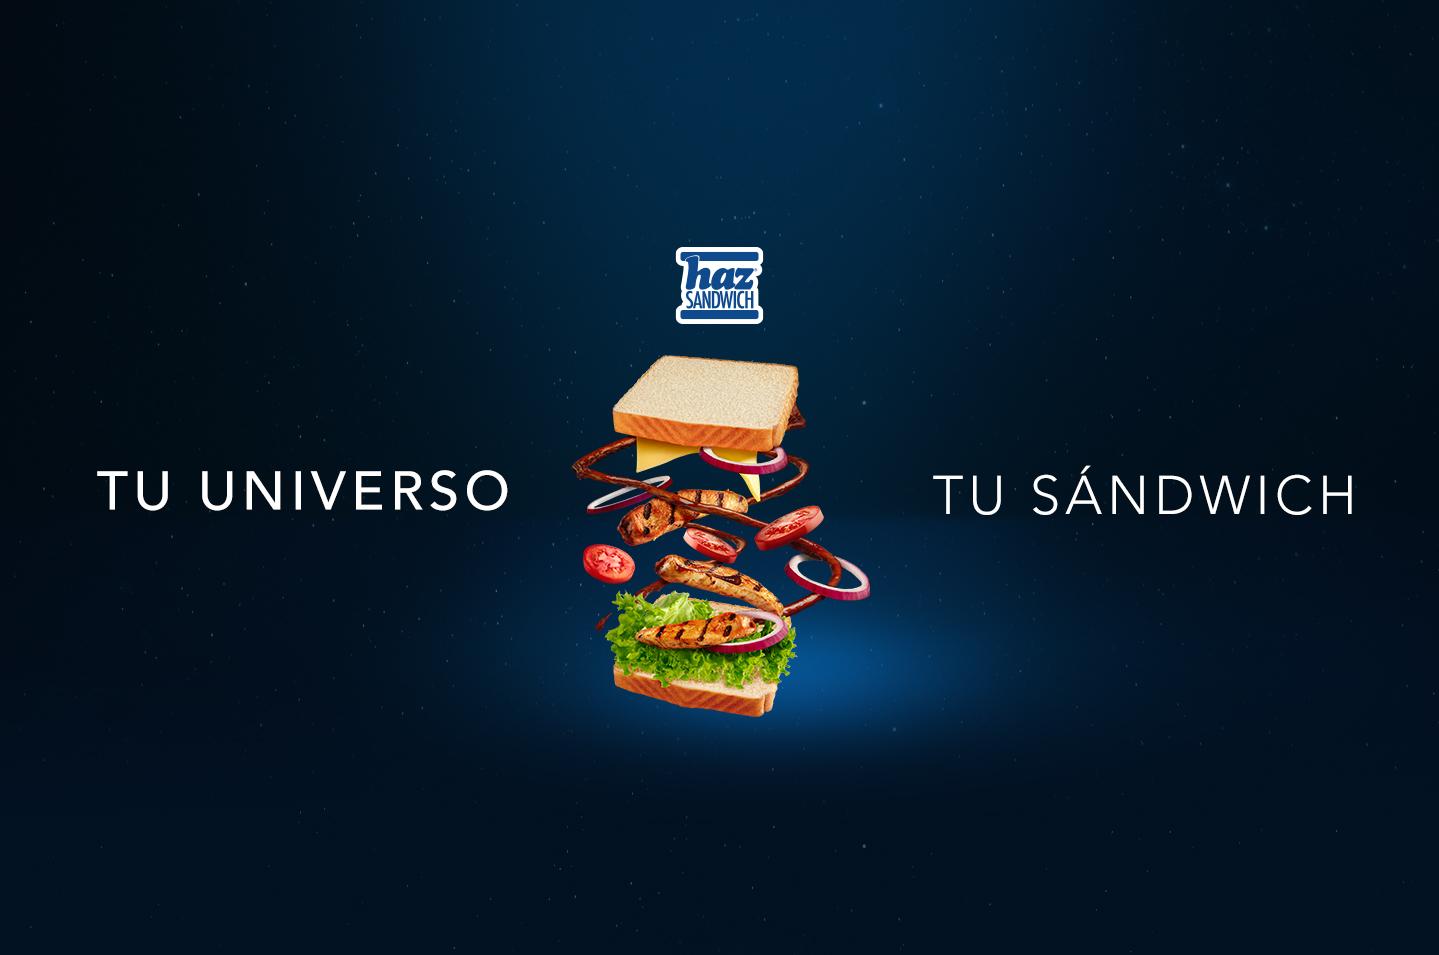 Haz Sándwich, El Alimento Ideal